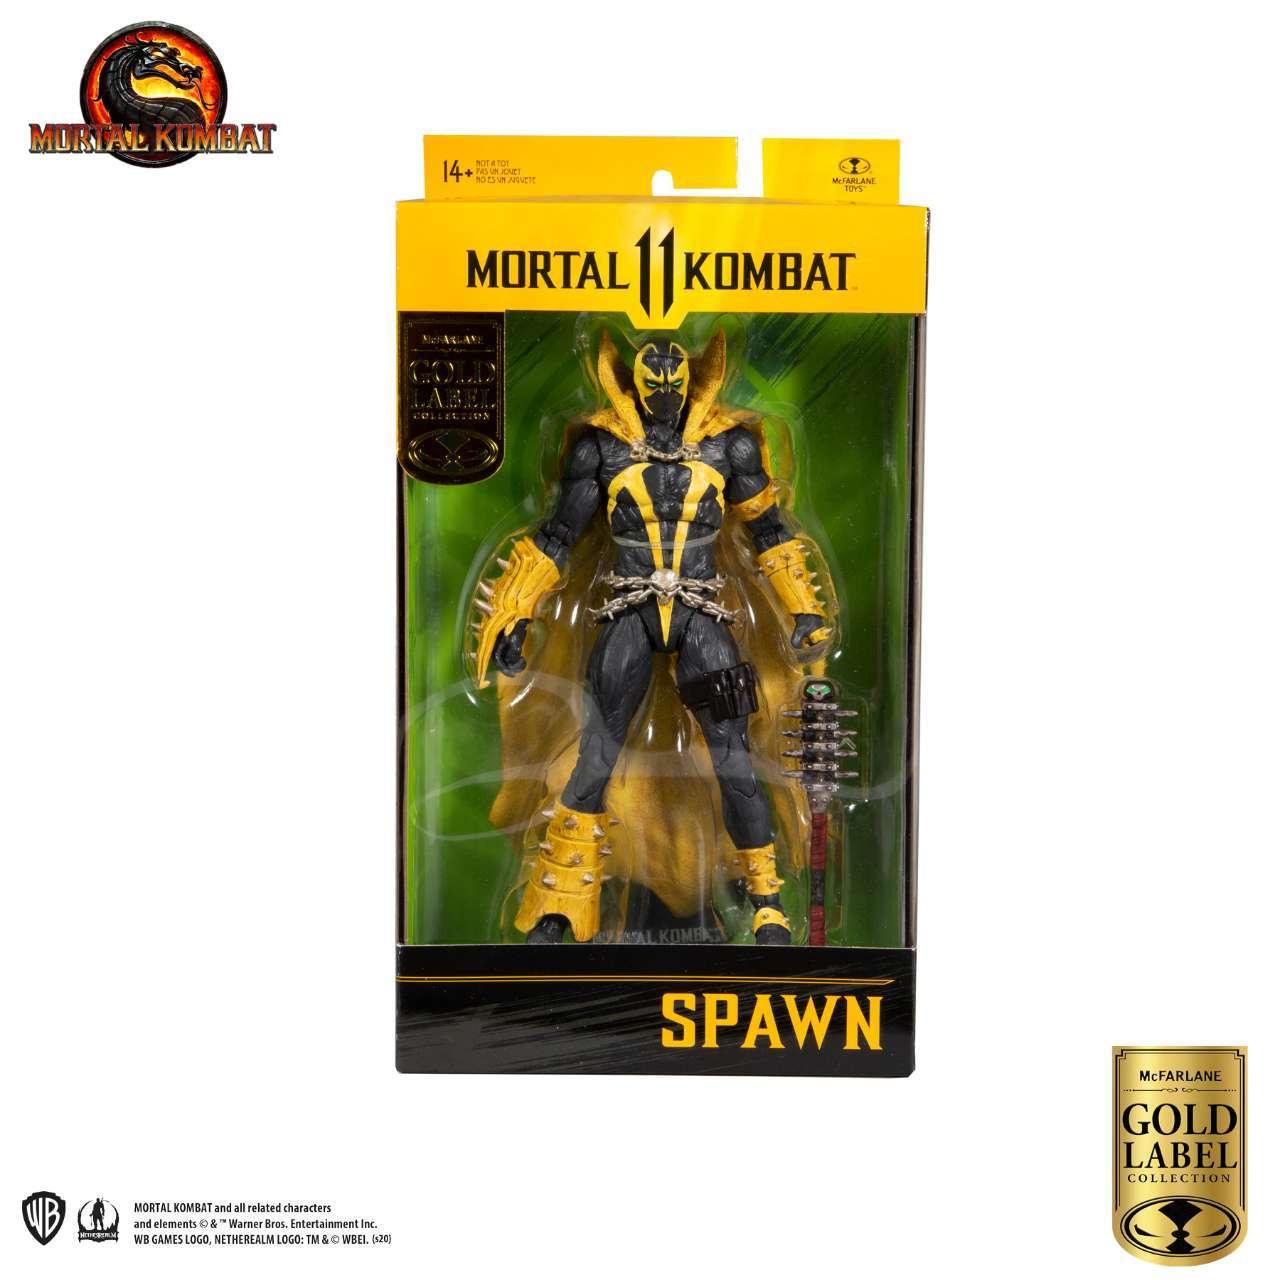 McFarlane-Gold-Label-Spawn-packaging